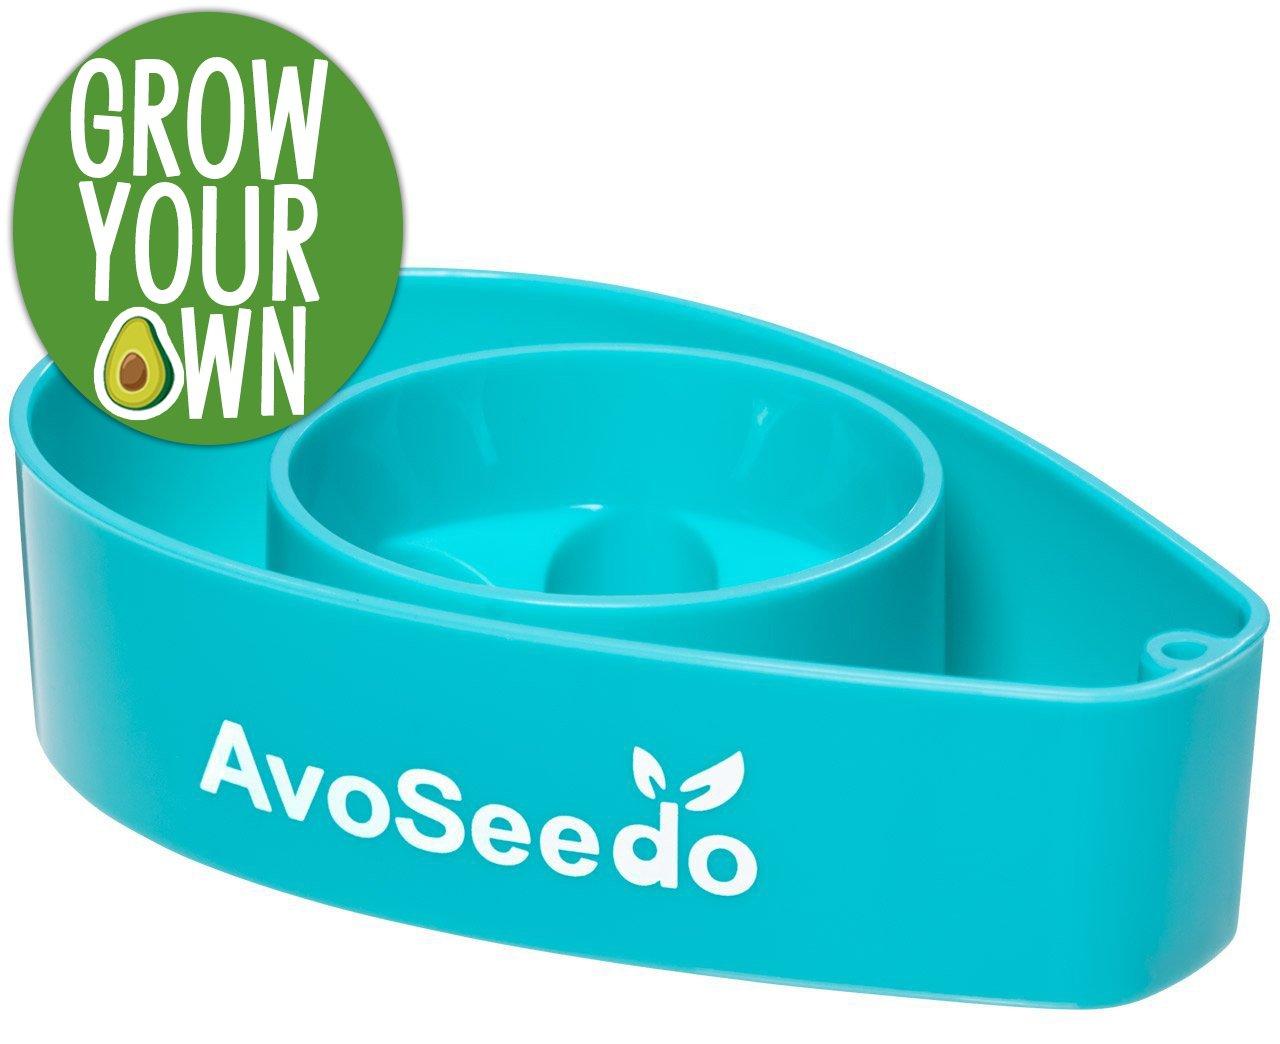 AvoSeedo das besondere Garten Geschenke - Pflanzen Sie Ihren eigenen Avocadobaum. Kleine Geschenke für Männer und Frauen. Die neue klein Dekoration - Blau 763461405370